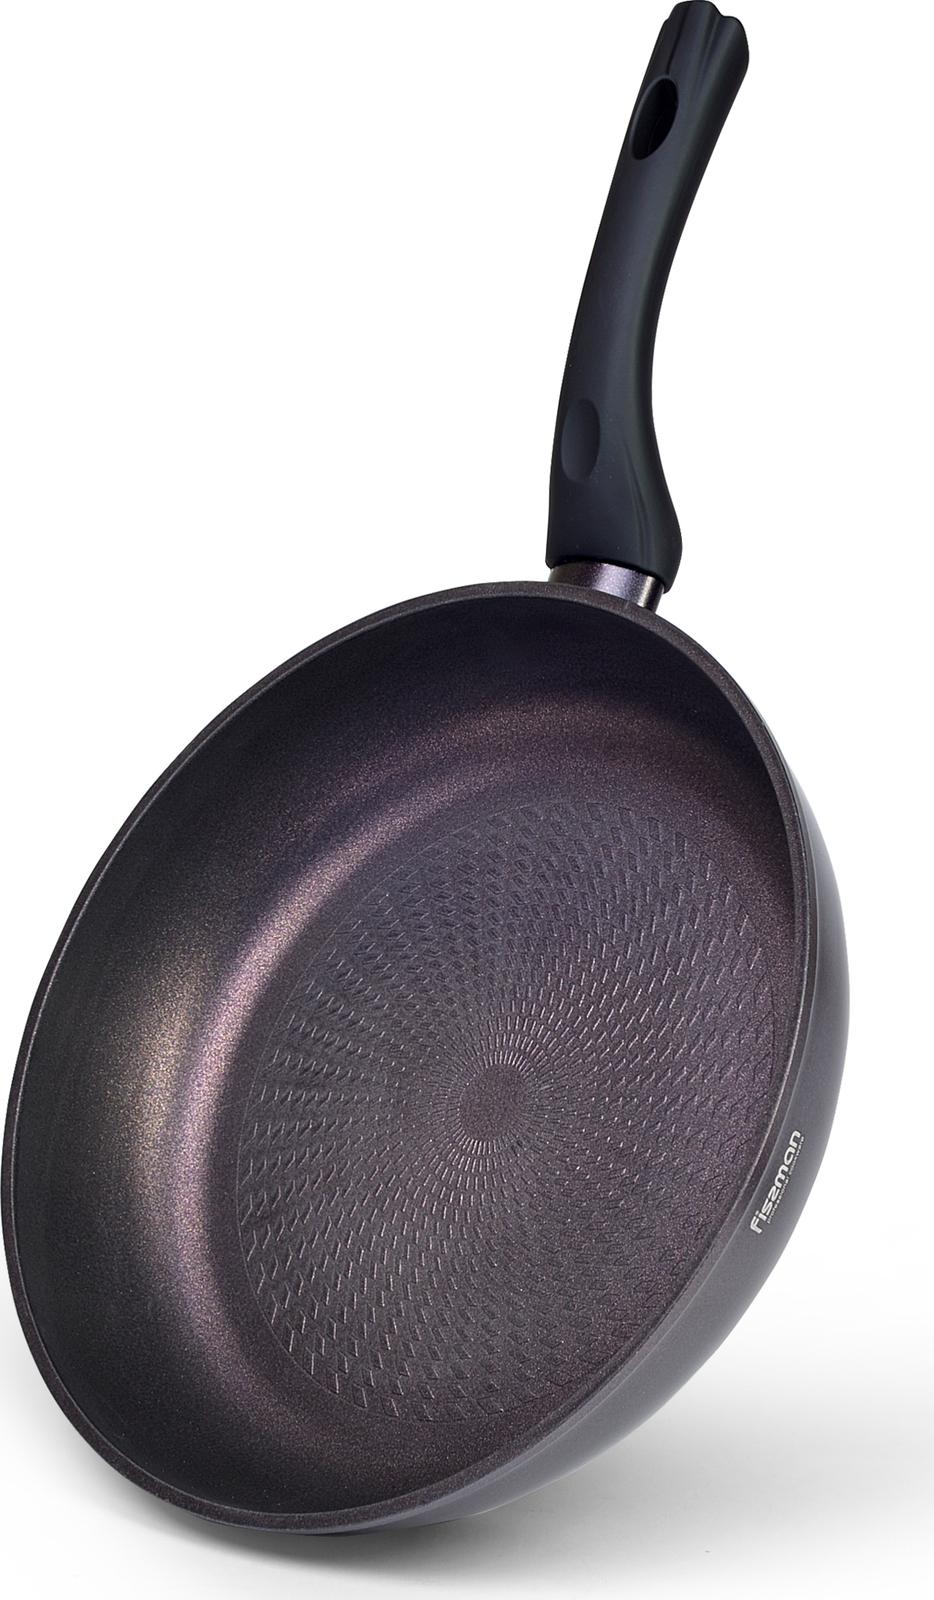 Сковорода Fissman Choco Jasper, с антипригарным покрытием, диаметр 24 см сковорода fissman prestige с антипригарным покрытием диаметр 26 см